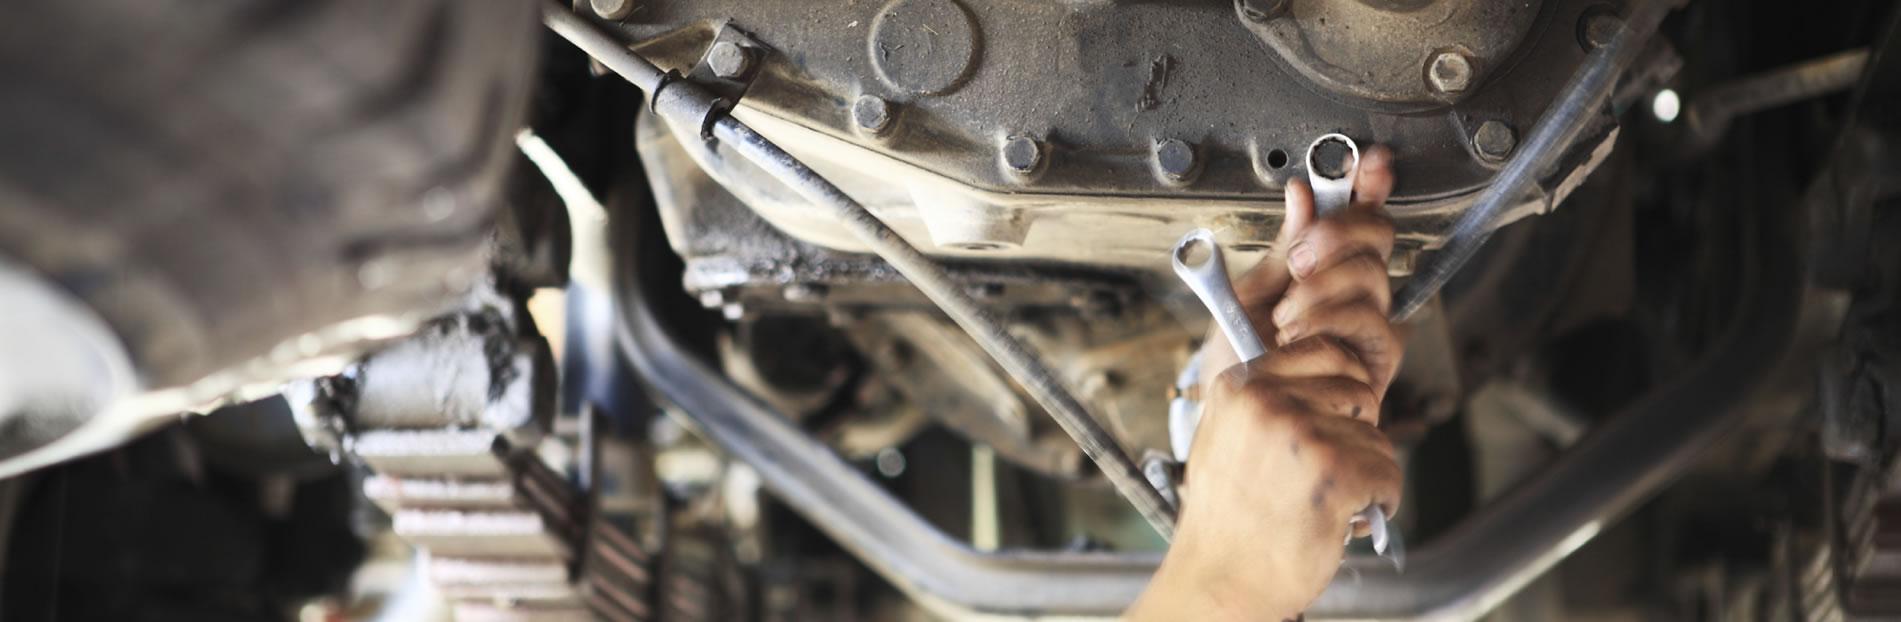 slide-wrench